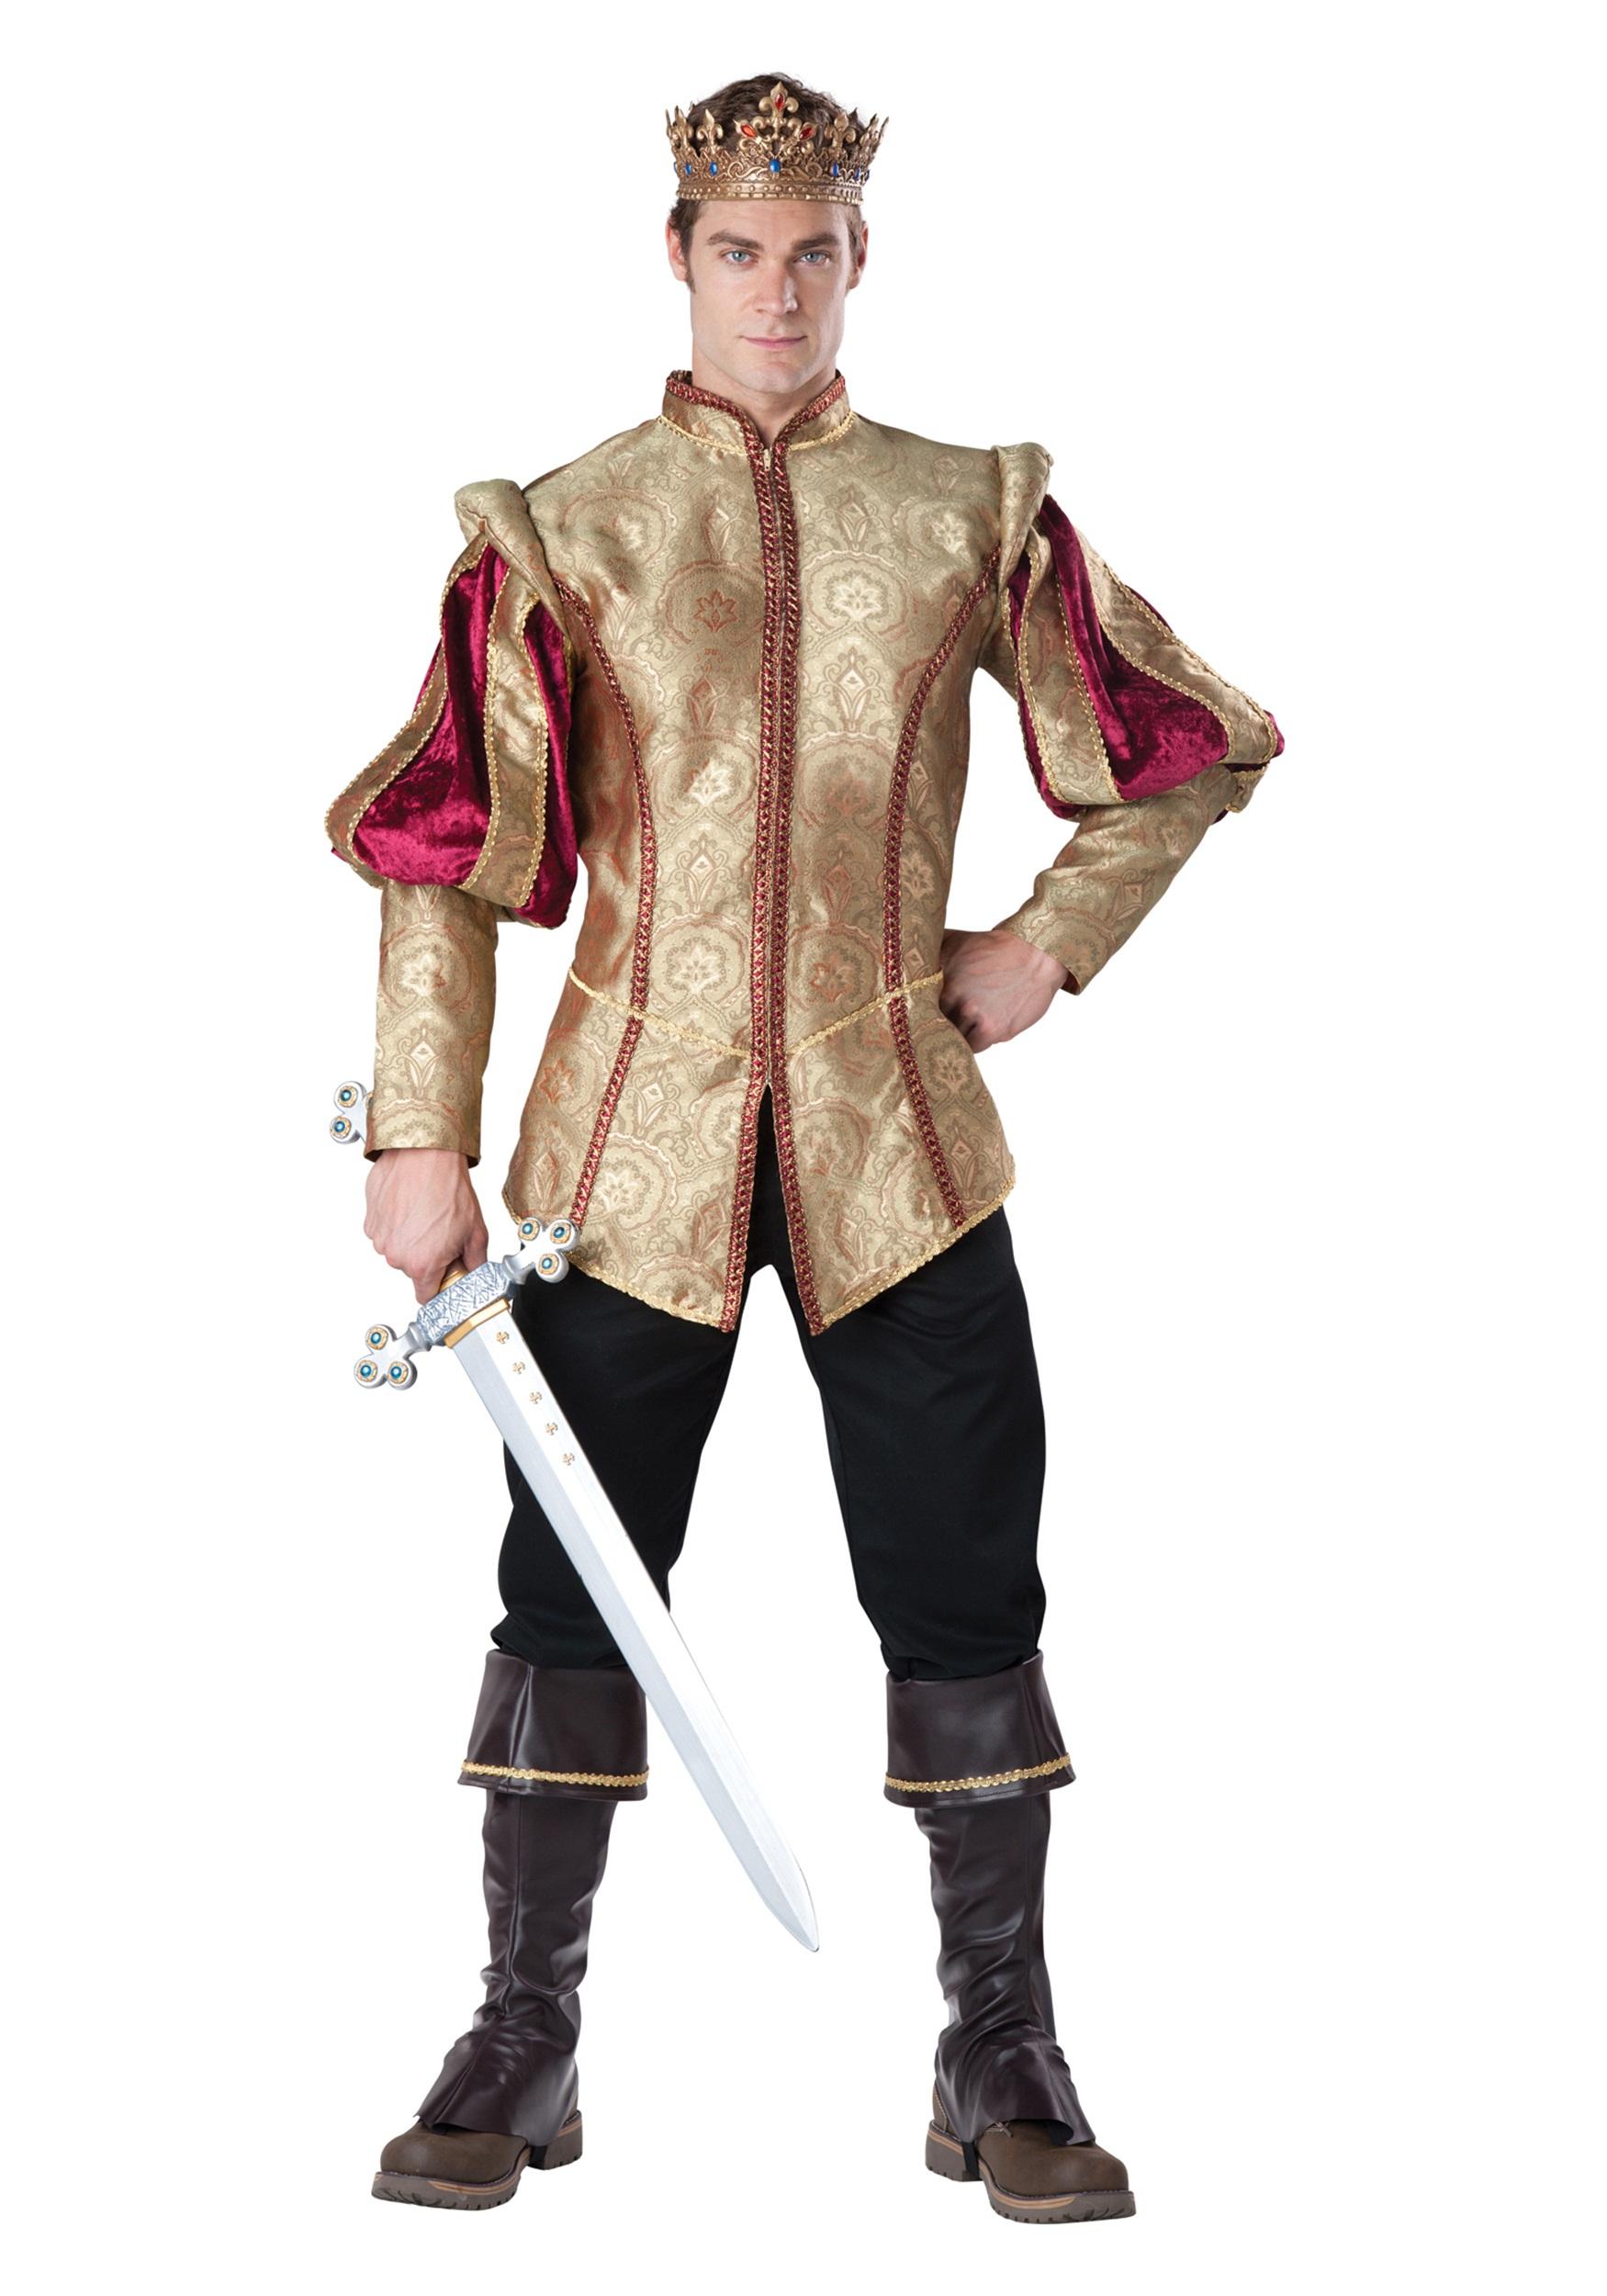 Elite Renaissance Prince Costume for Men